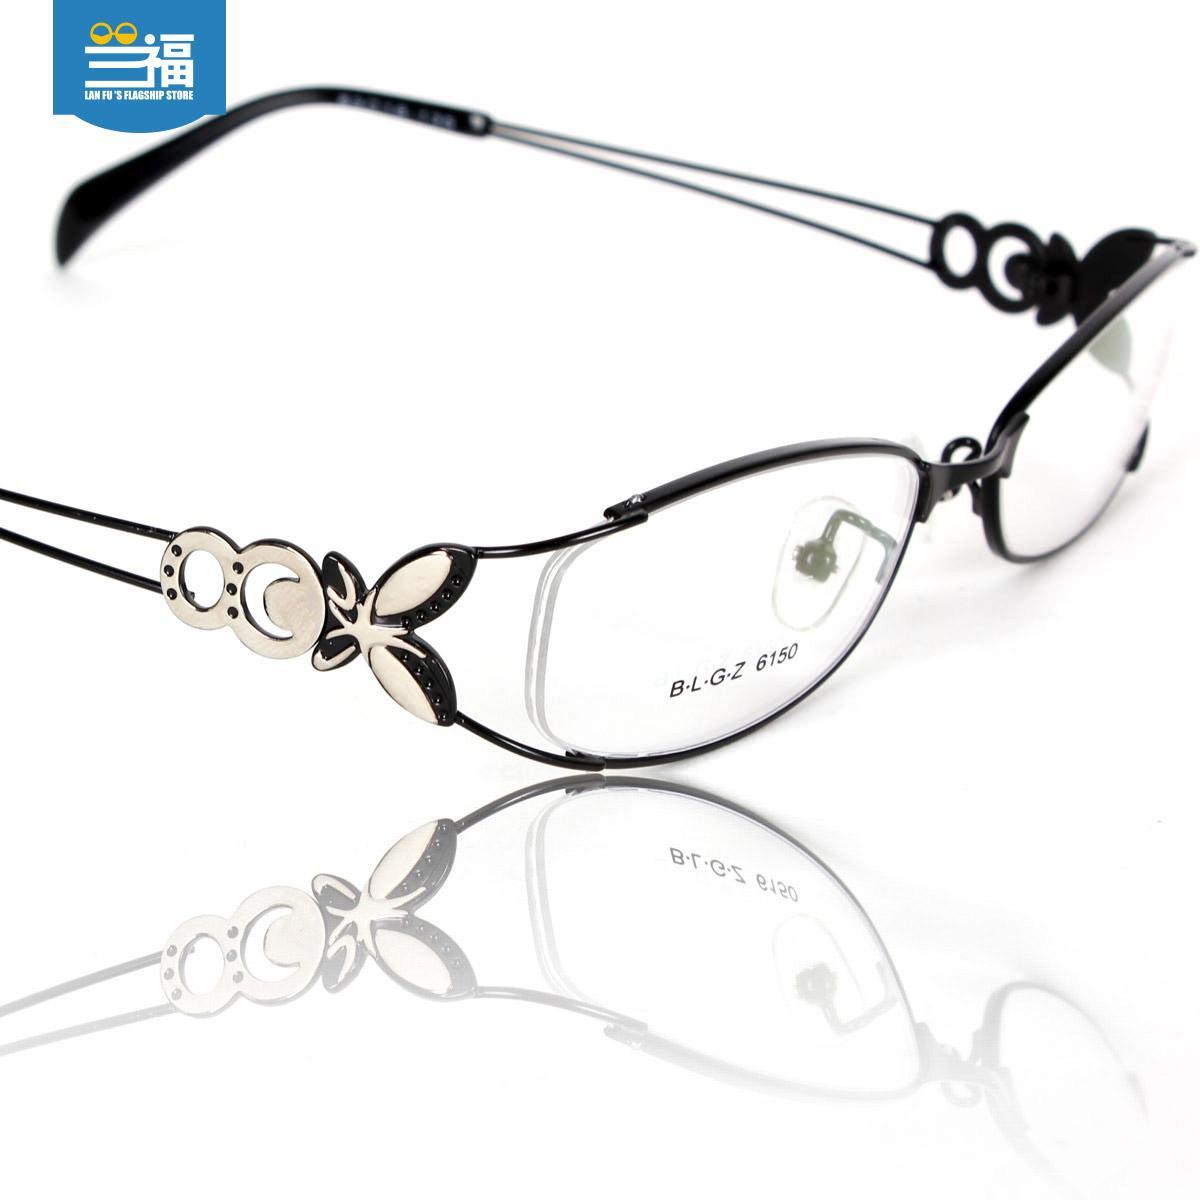 Bingkai kacamata wanita Retro optik dengan kacamata tidak berderajat Kotak Setengah 眼睛框 Gaya Korea Bingkai Kacamata produk jadi kacamata minus